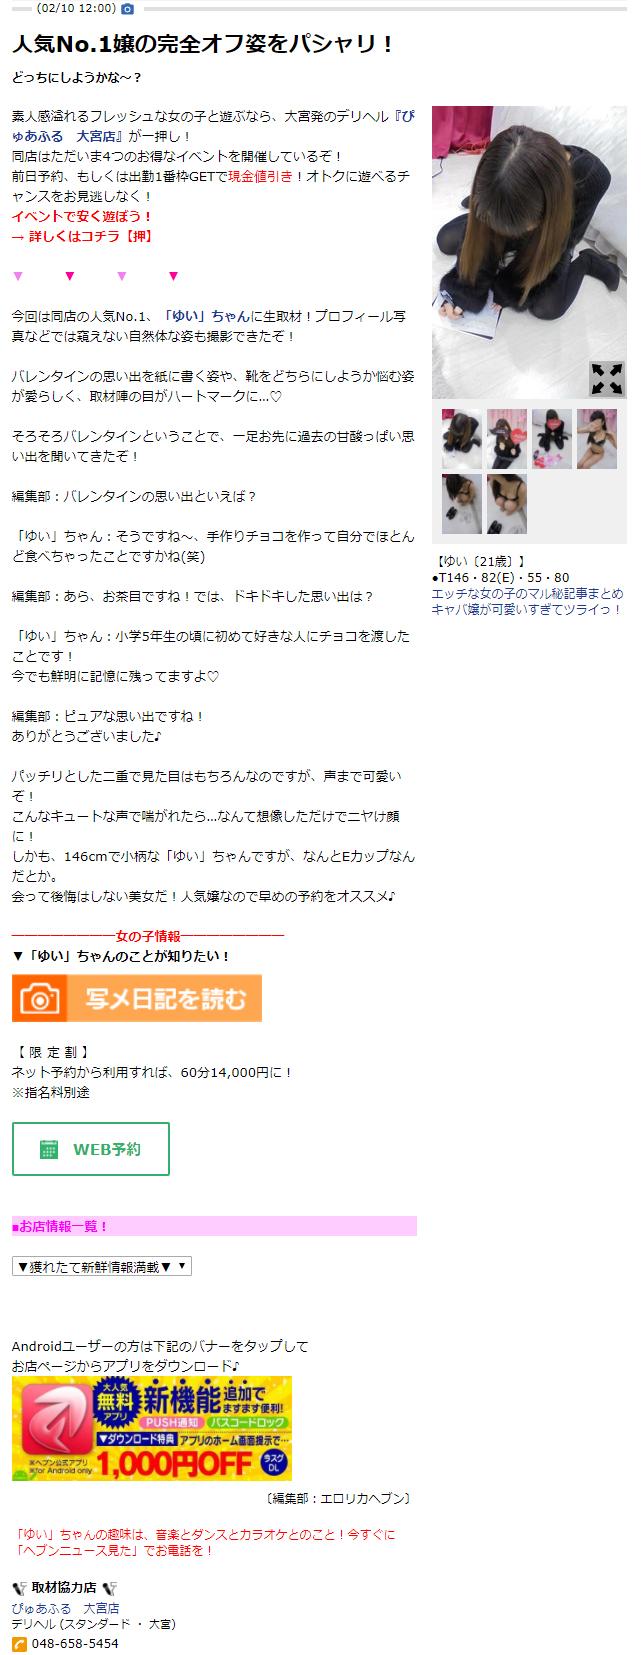 ヘブンニュース2018-02-10_ぴゅあふる